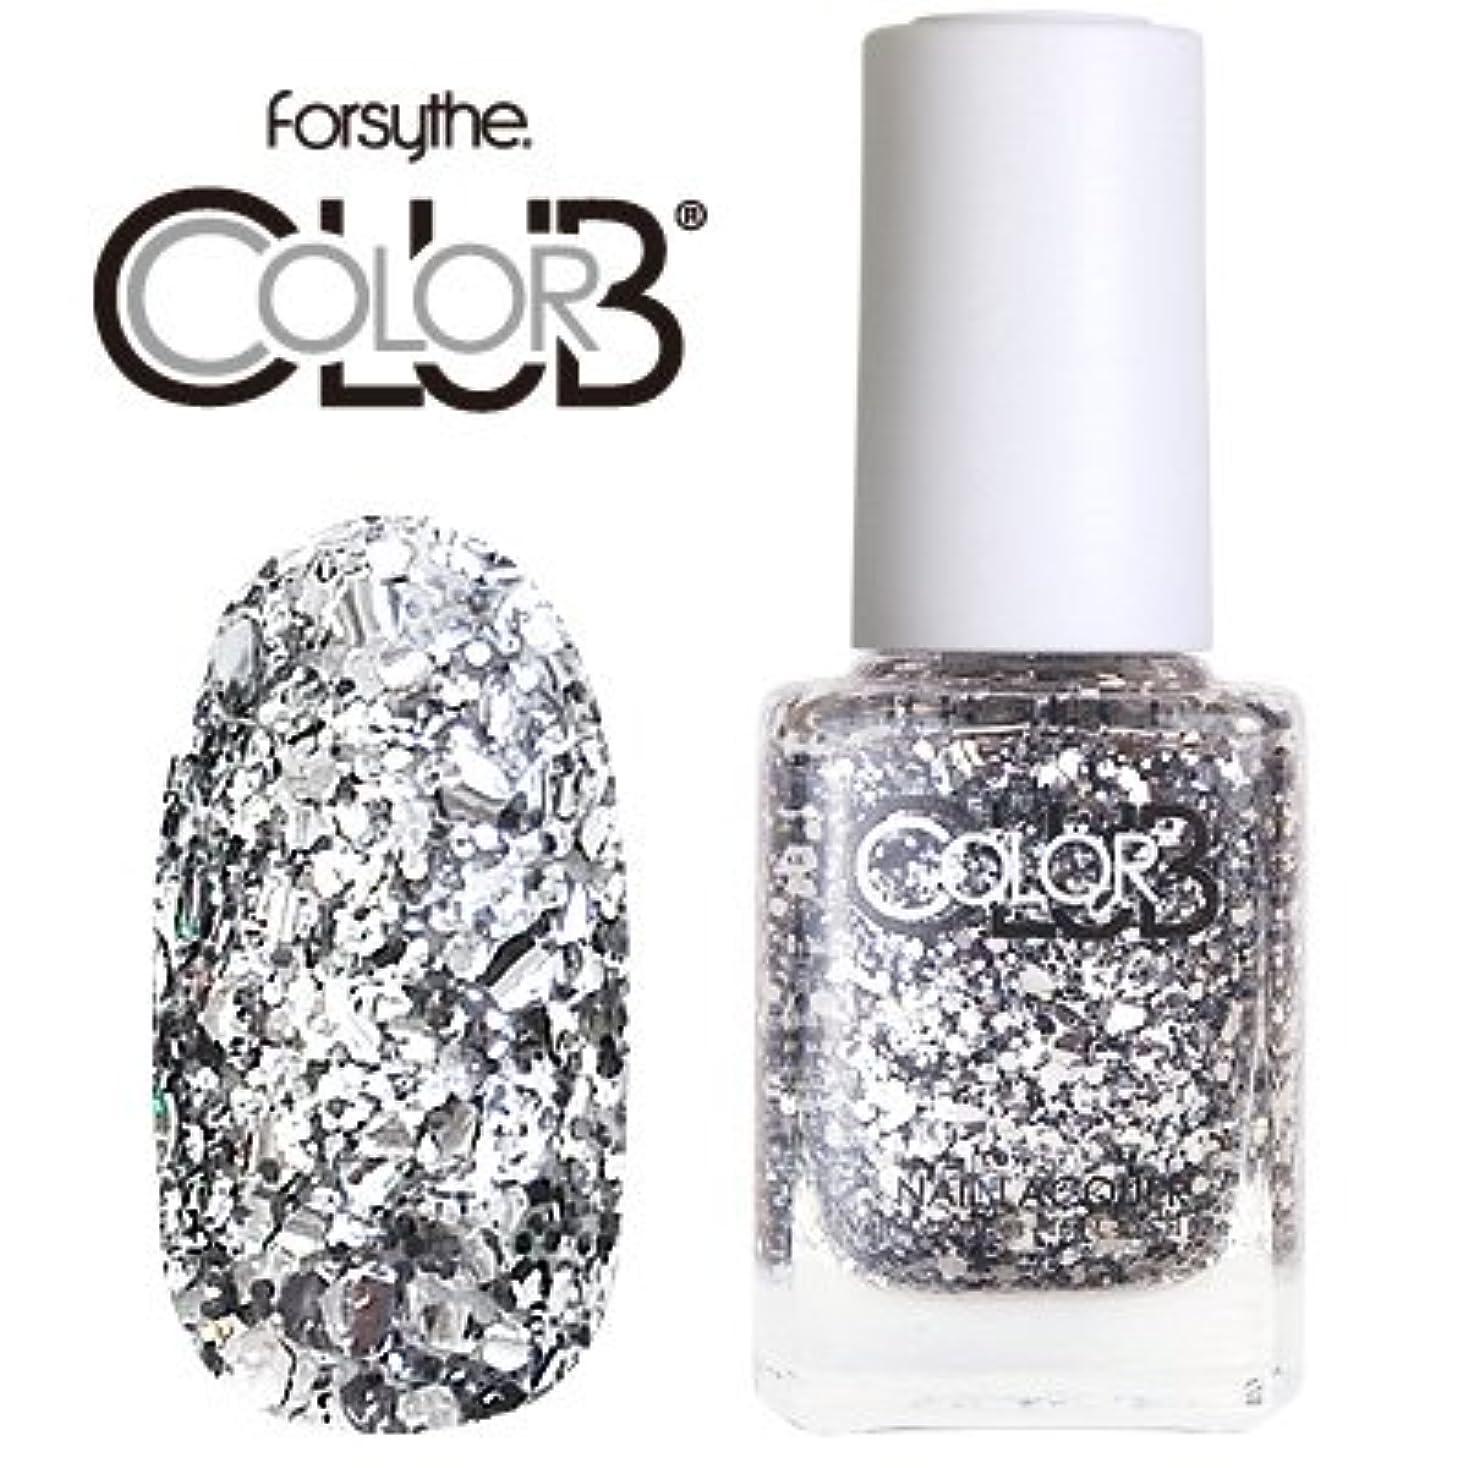 線形高価な投資フォーサイス カラークラブ 948/Platinum Record 【forsythe COLOR CLUB】【ネイルラッカー】【マニキュア】